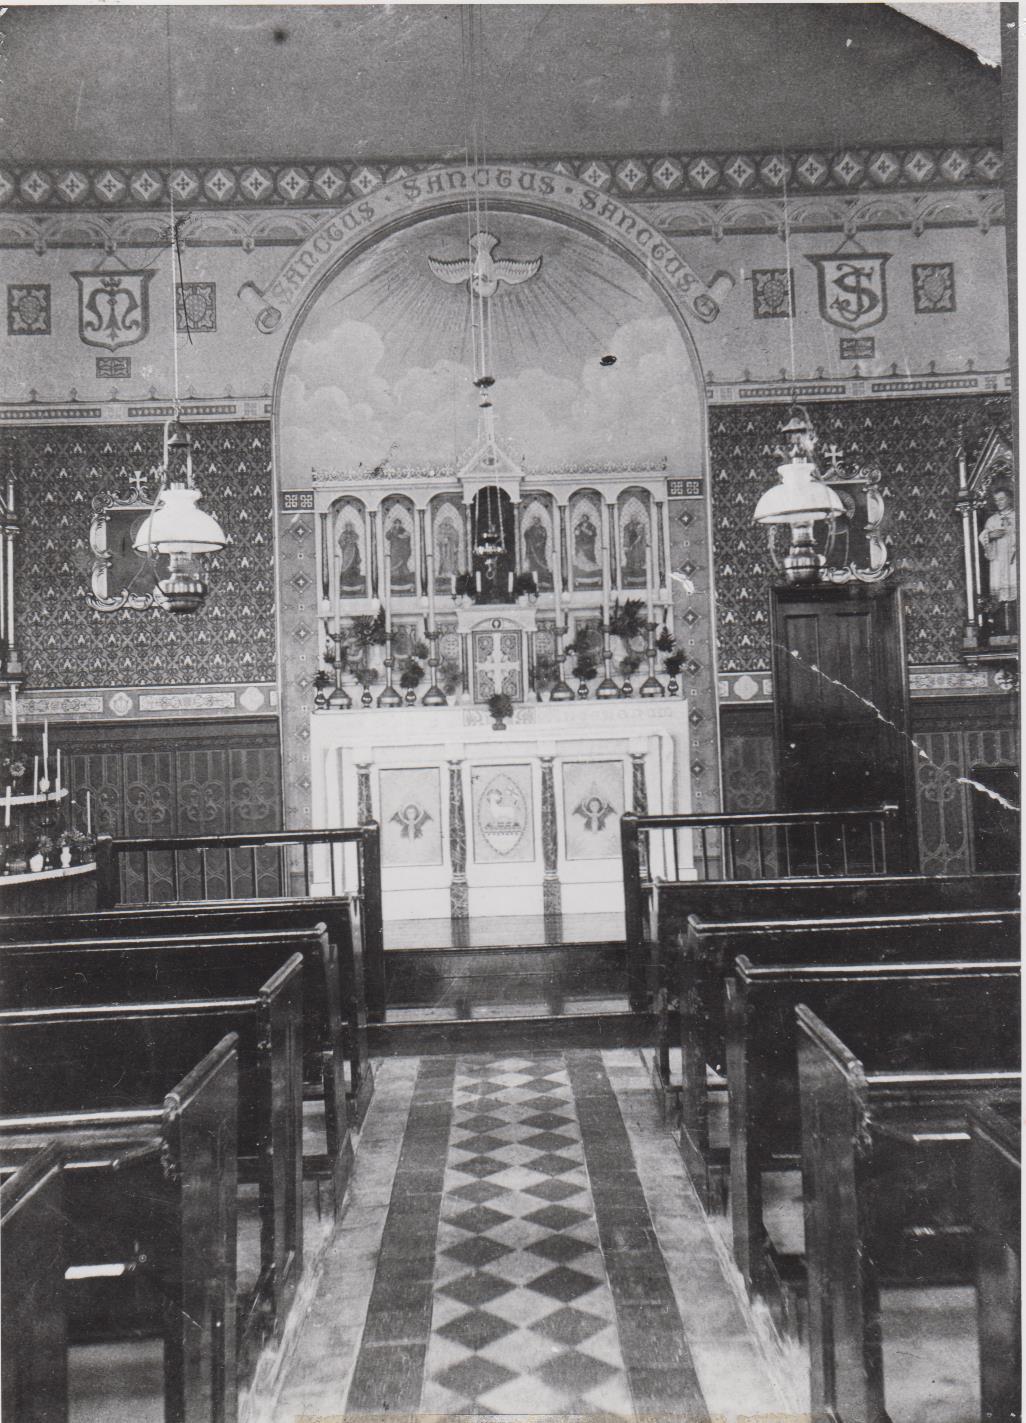 h98_catholic_church_interior-001.jpg